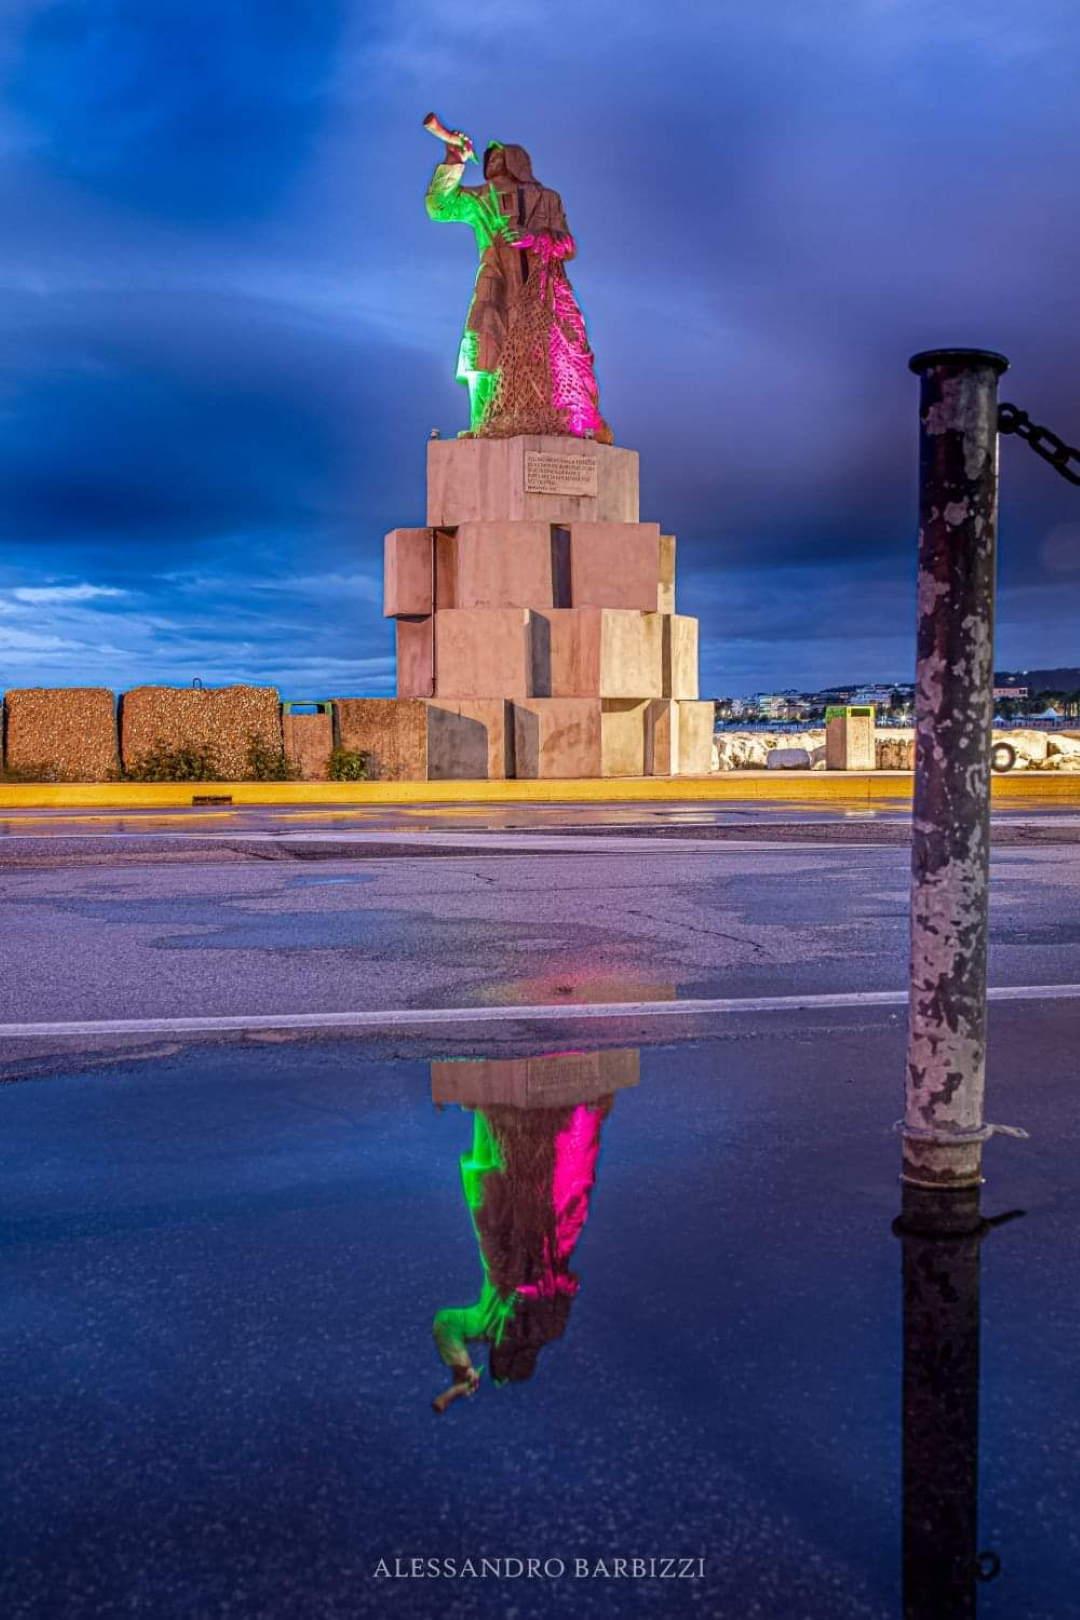 Il monumento al Pescatore illuminato metà viola e metà verde